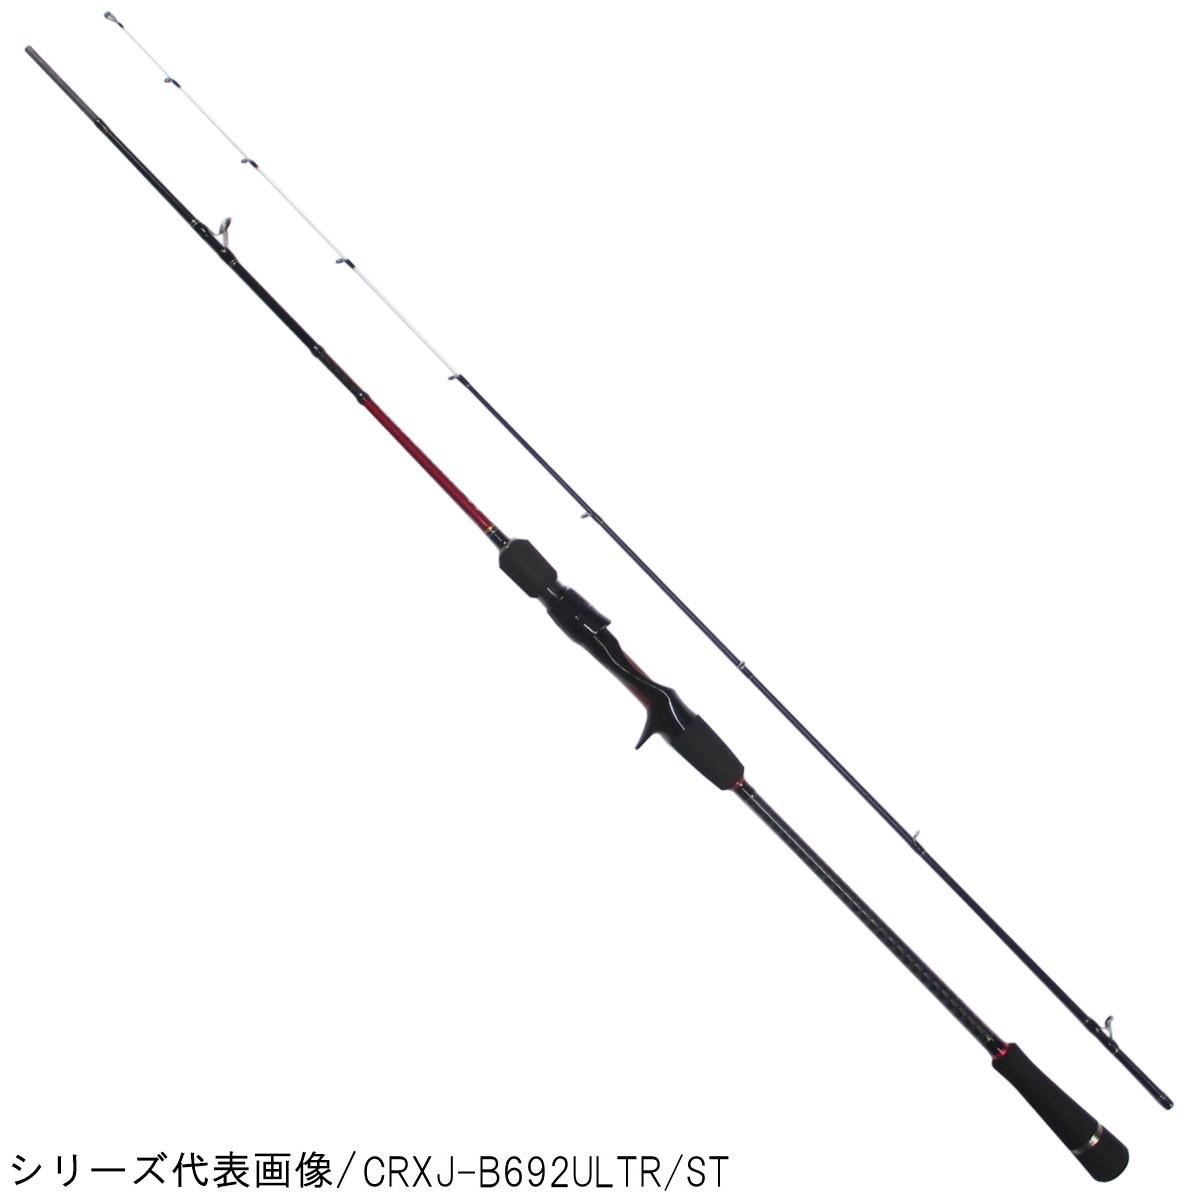 【8日最大8千円オフクーポン!】メジャークラフト クロステージ CRXJ-B692LTR/ST